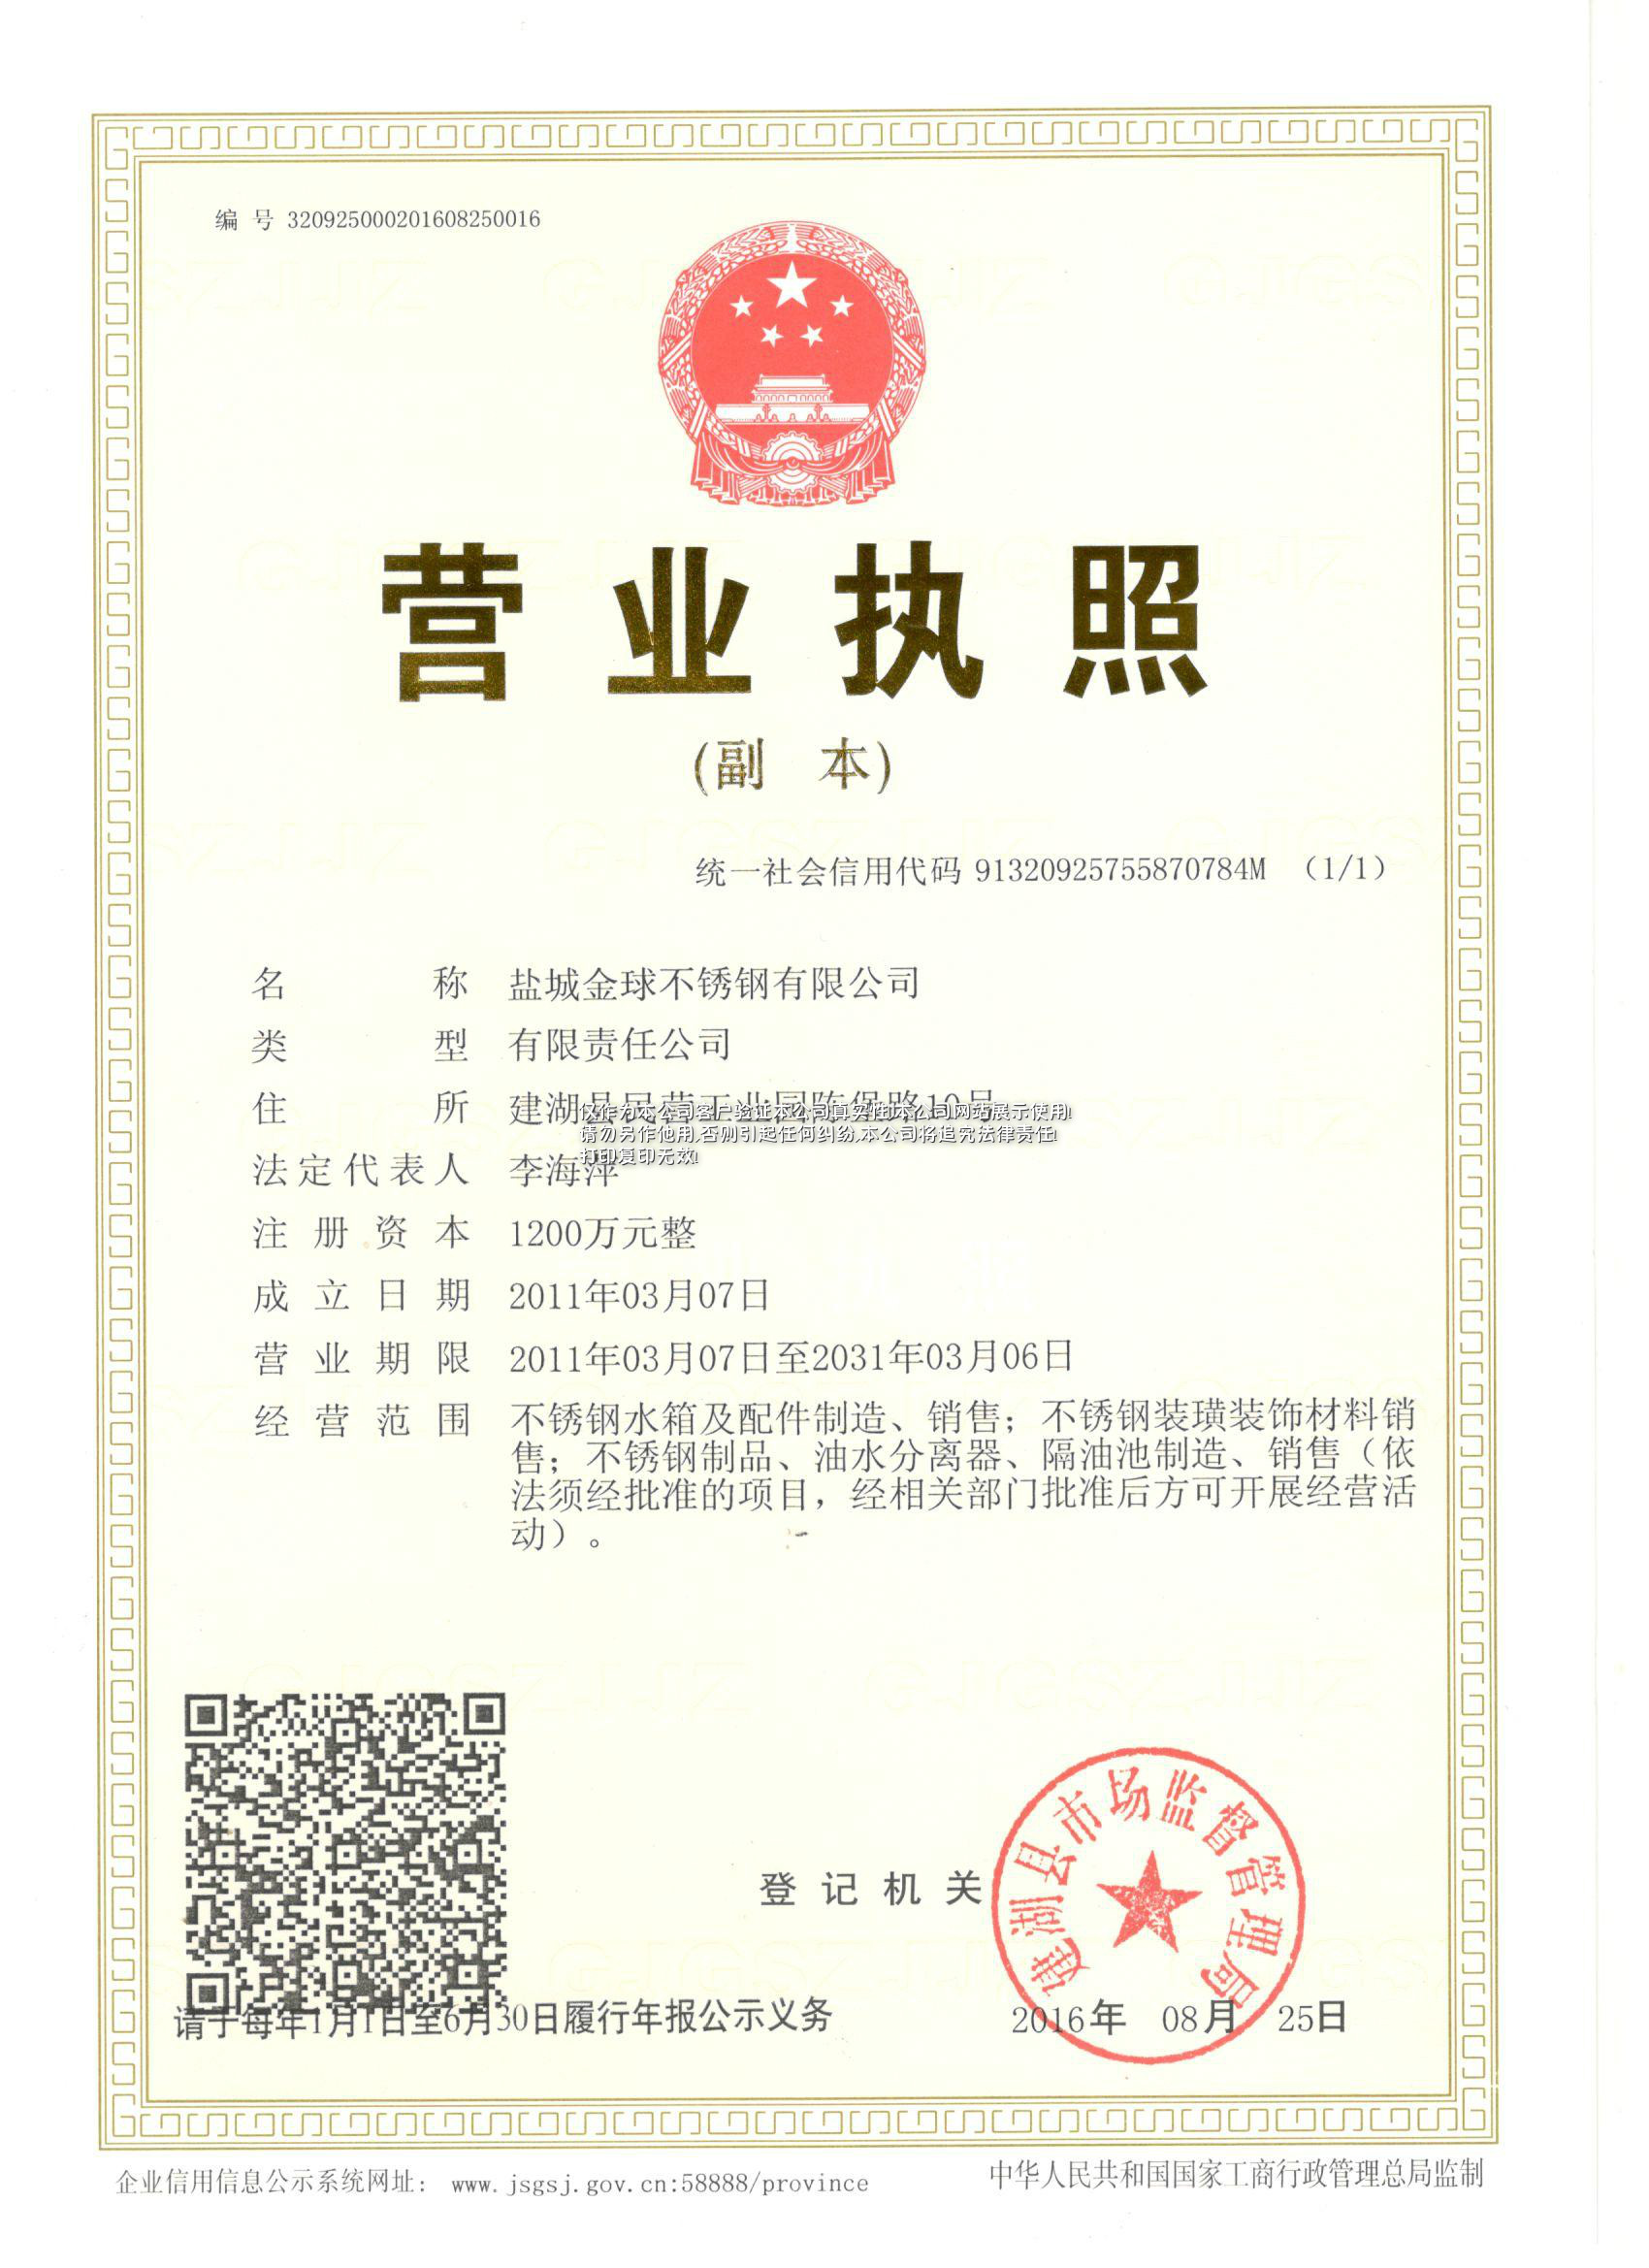 龙井营业执照